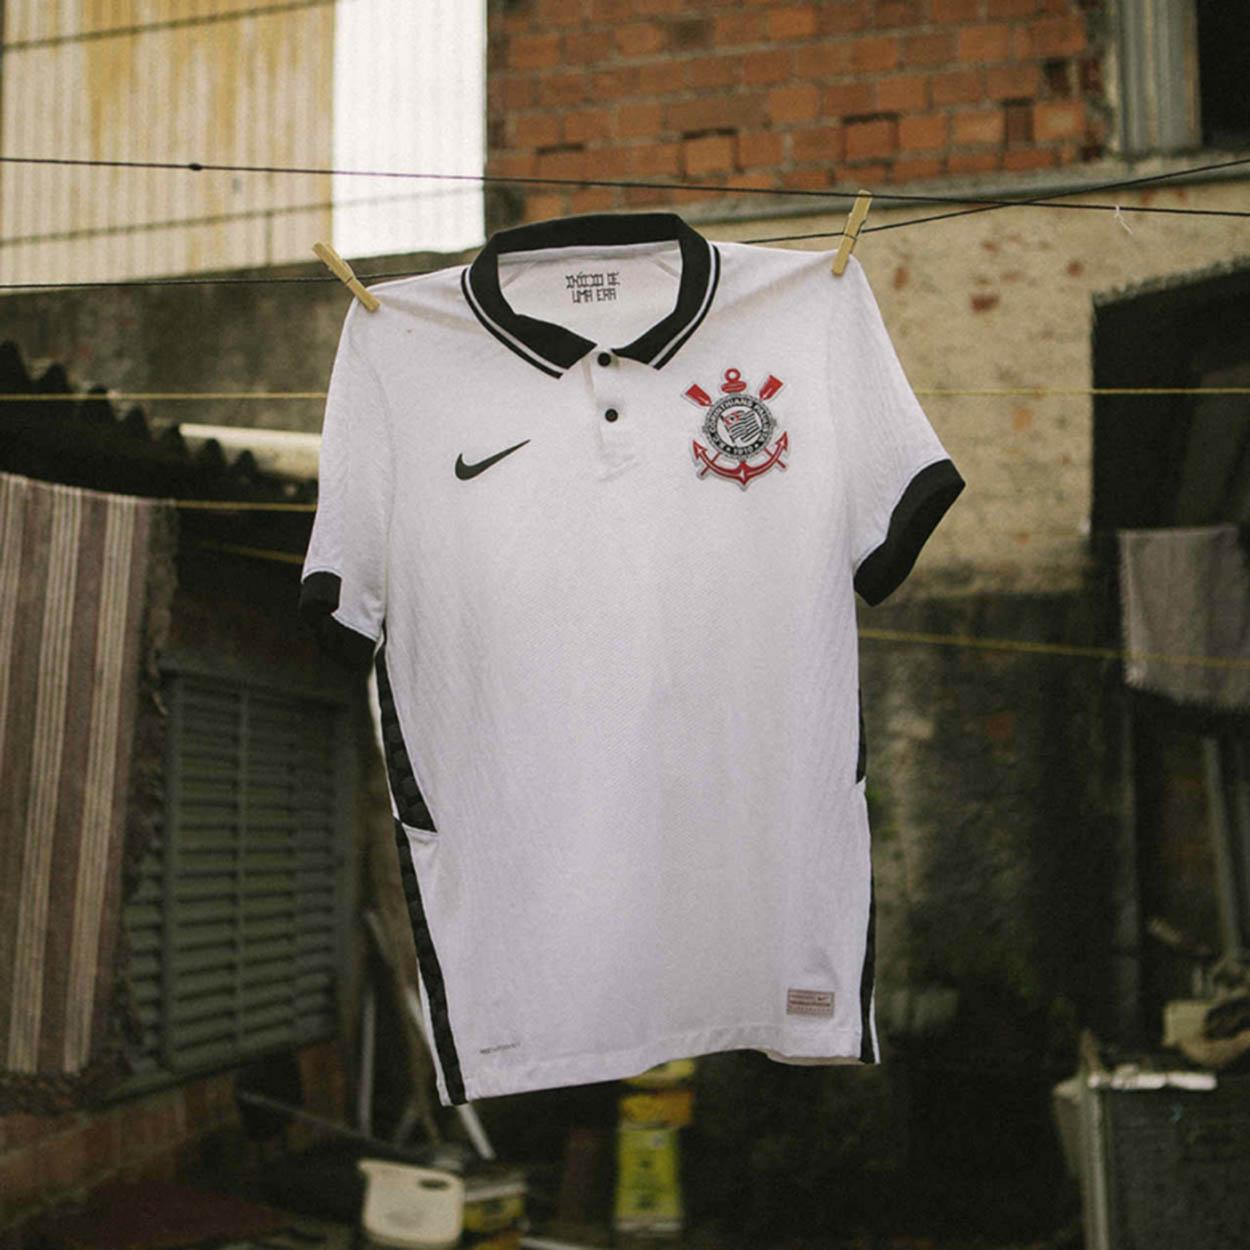 Nova camisa do Corinthians lançada pela Nike em 2020